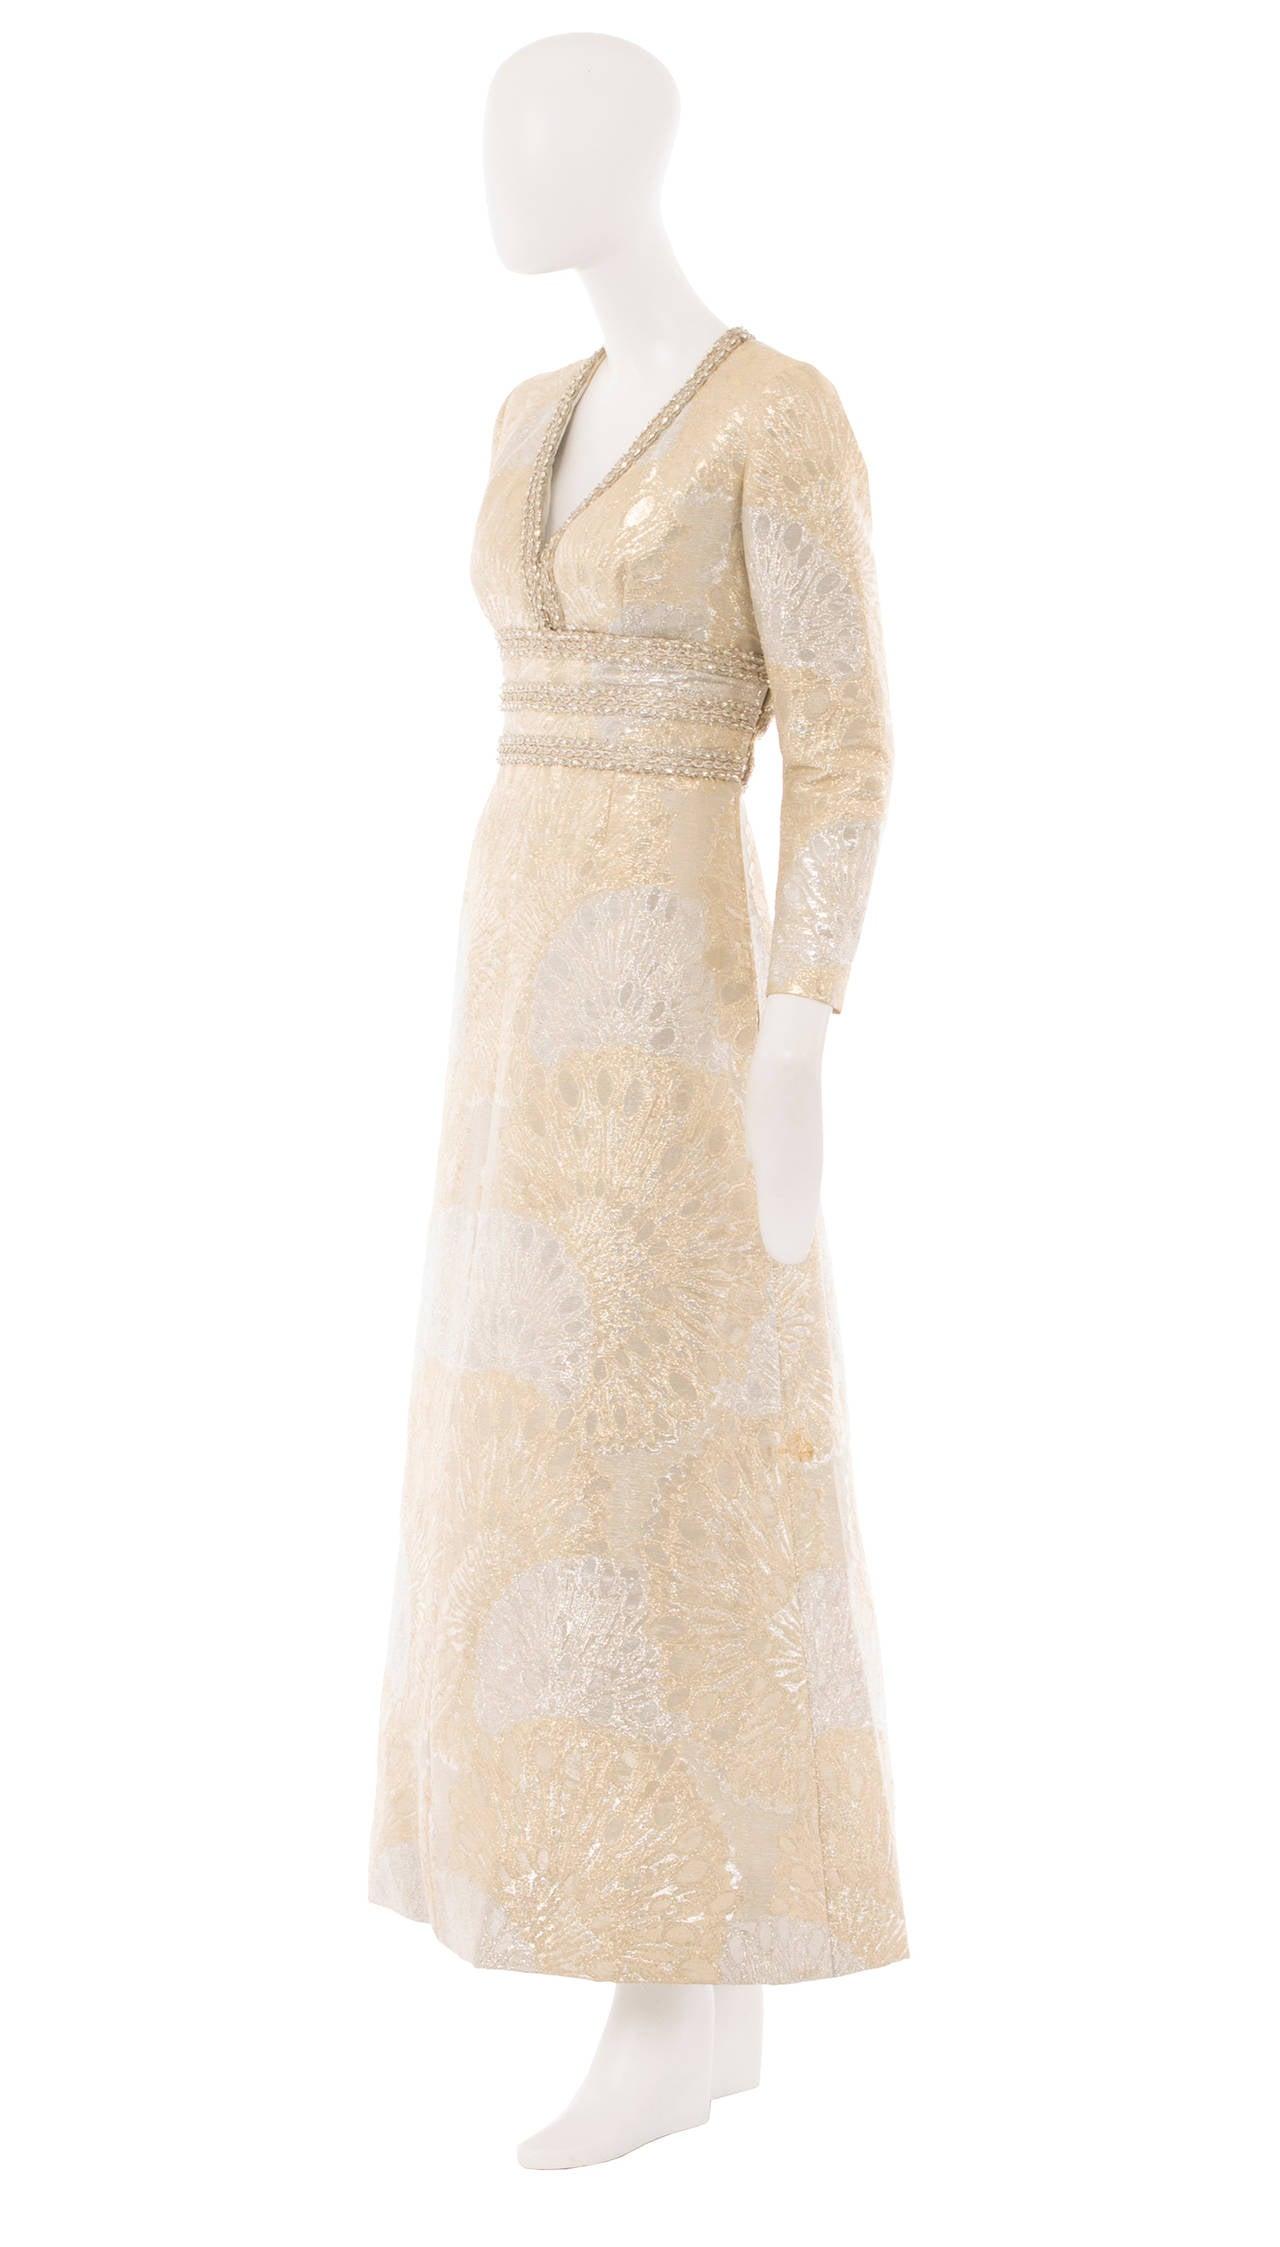 An Yves Saint Laurent Patron Original dress, autumn winter 1969 2